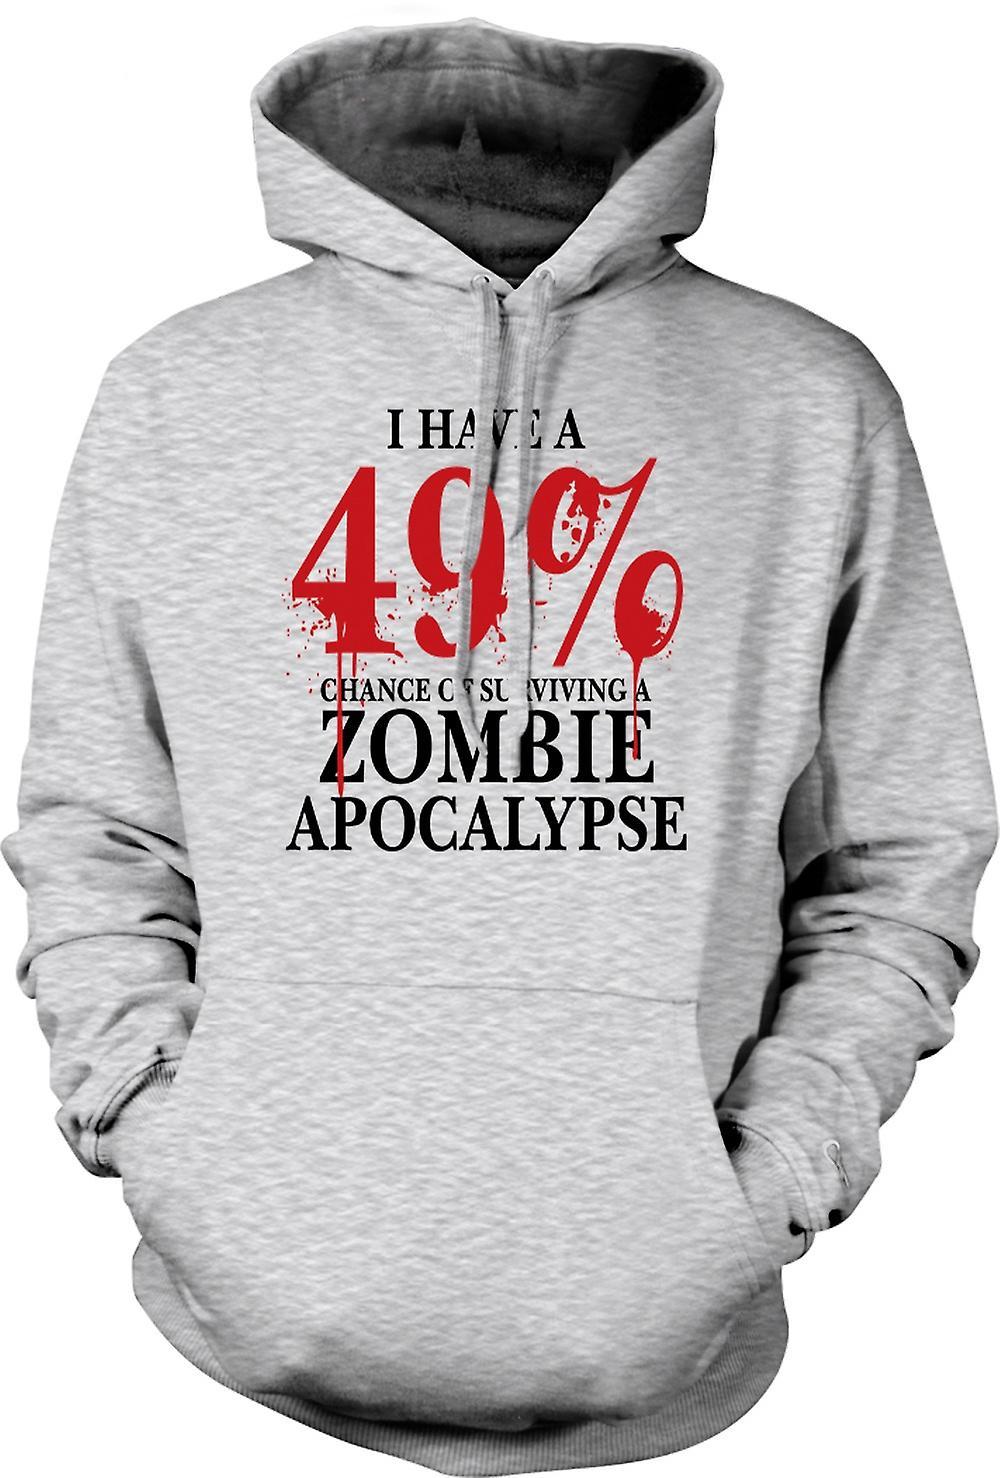 Mens Hoodie - Zombie Apocalypse 49% - Horror Funny